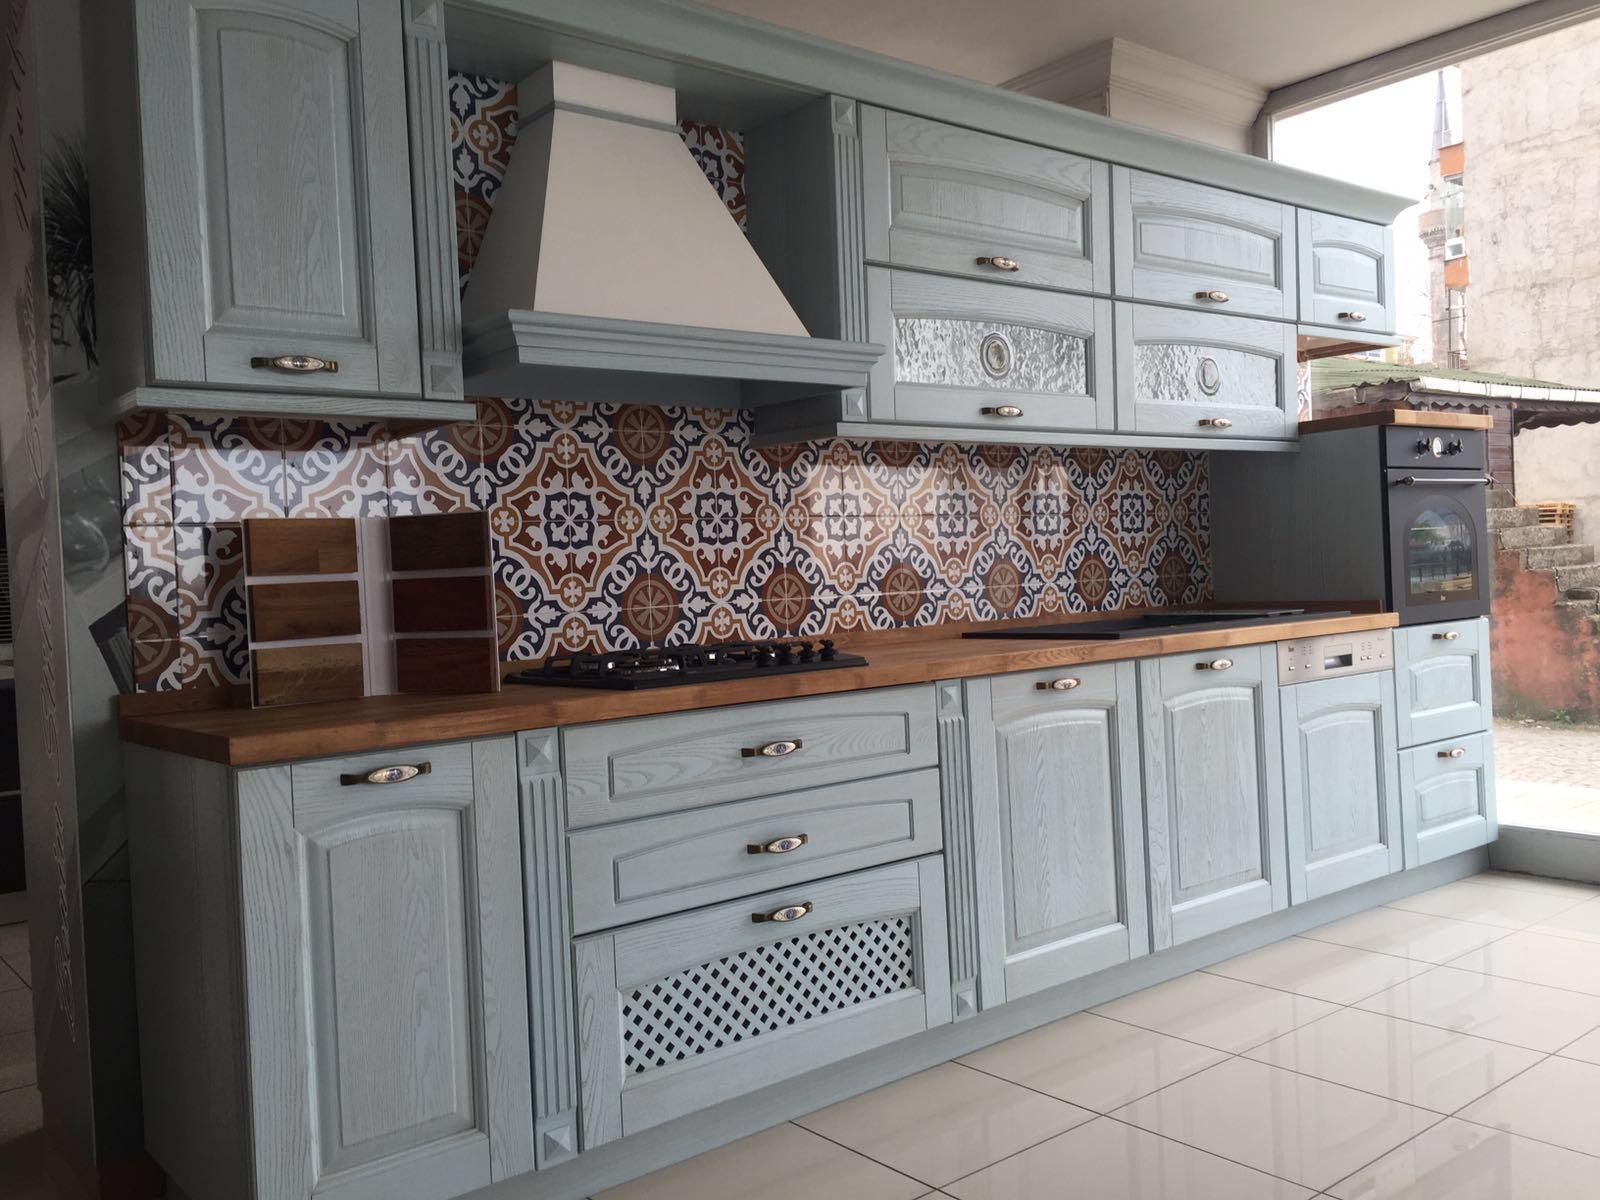 Mutfak Tezgahı ahşap mutfak tezgahı | masif mutfak tezgahları | ahşap masa | ahşap